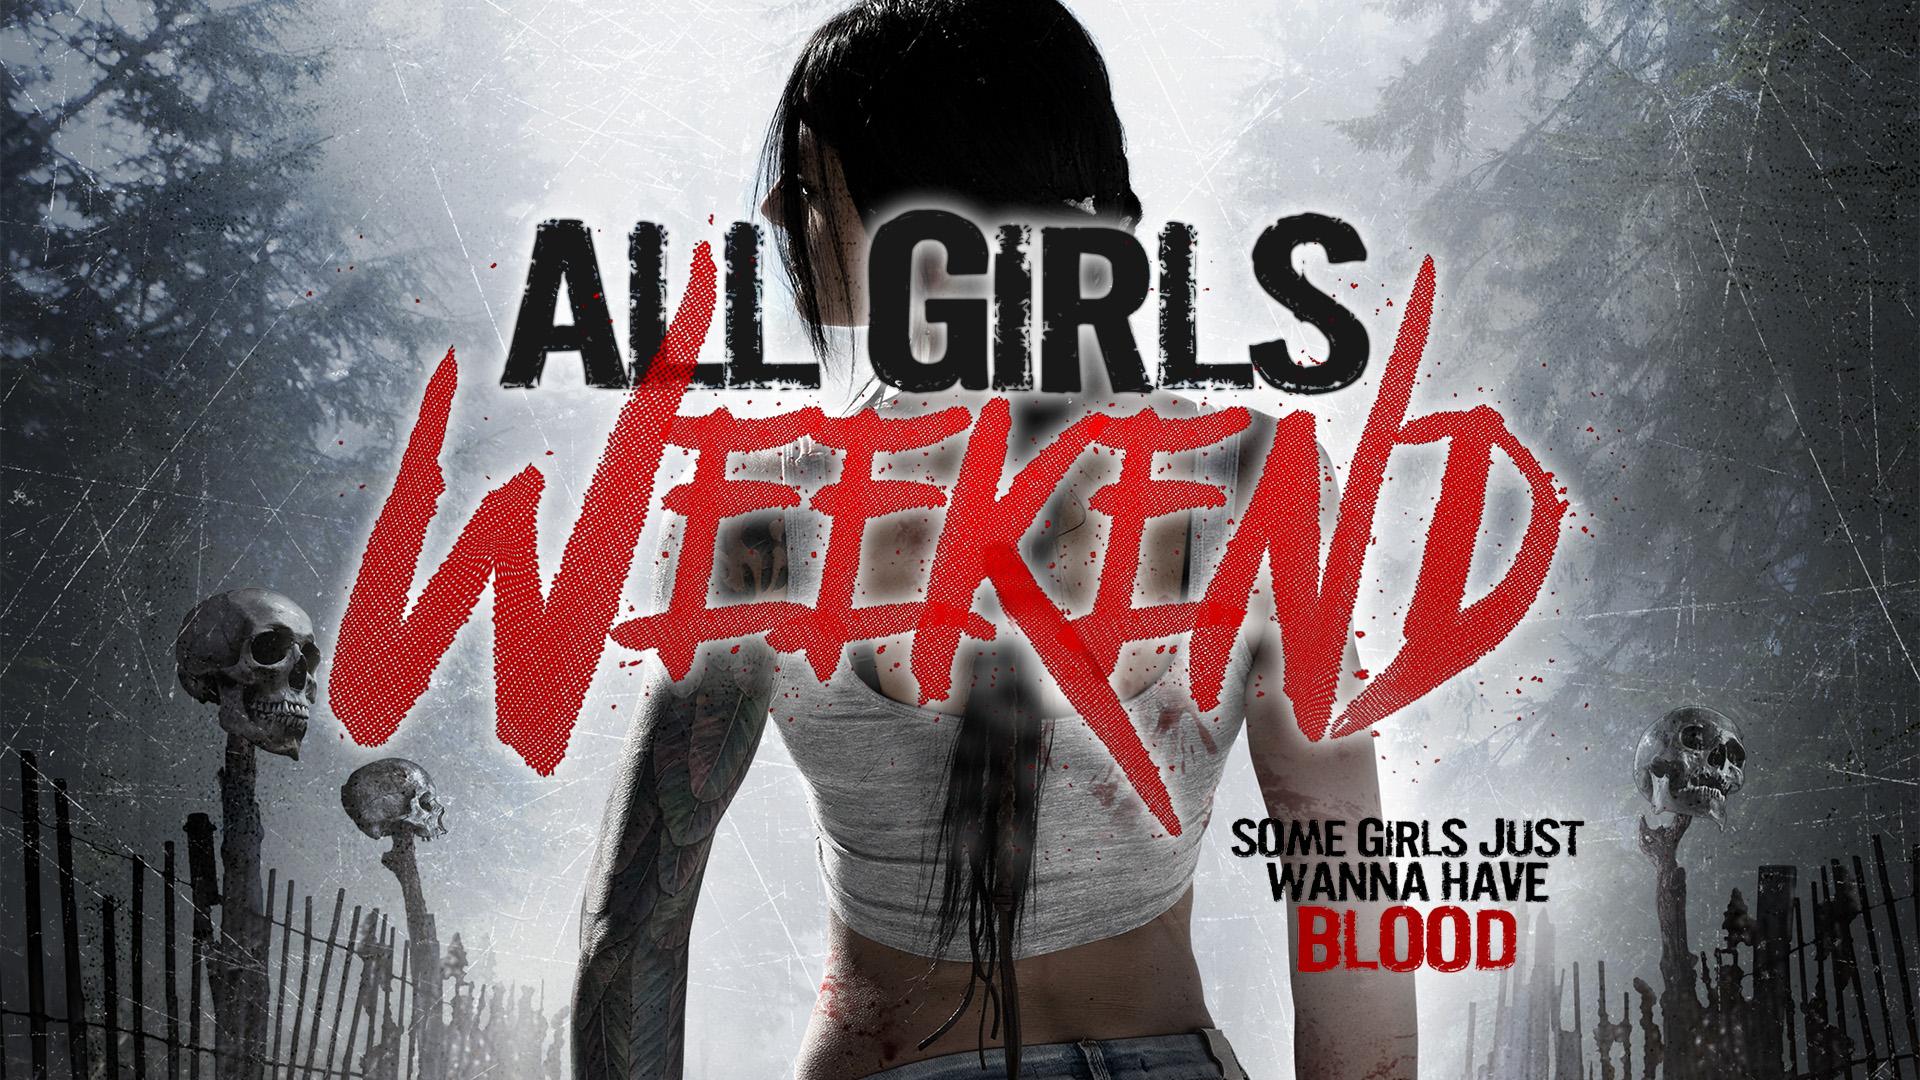 All Girls Weekend